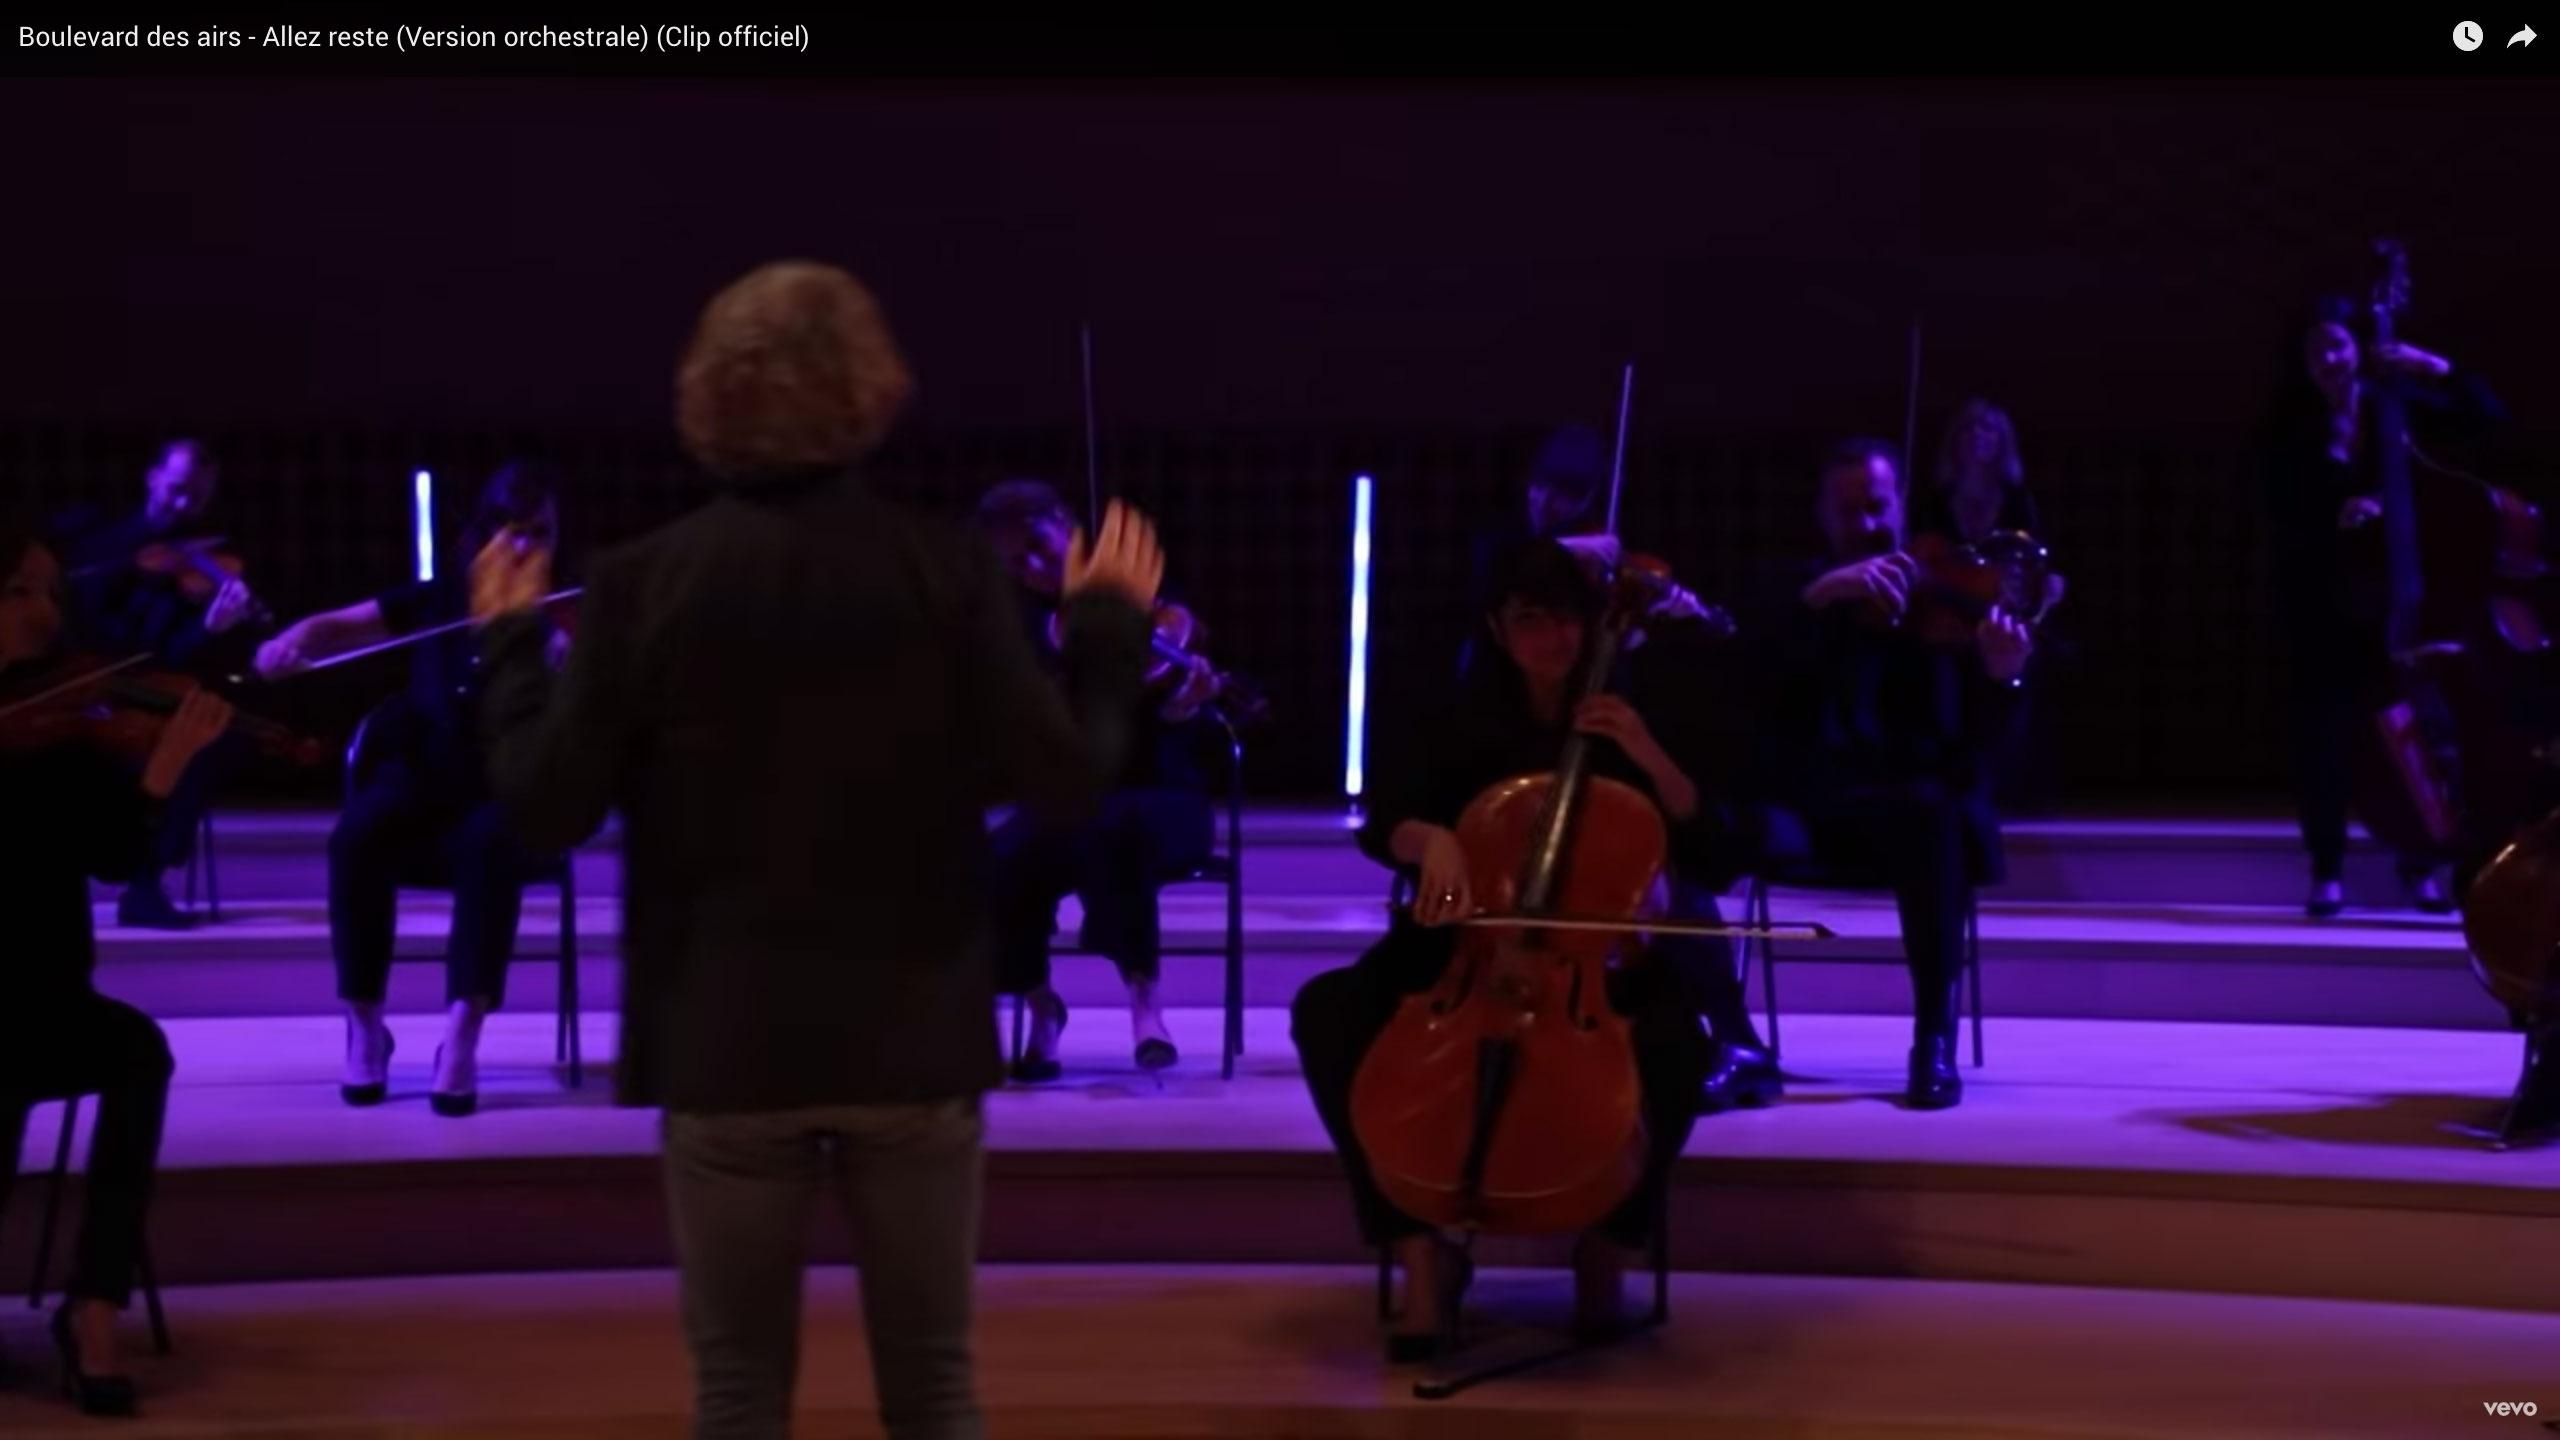 c Allez reste Version orchestrale Paul Rouger Images Benoit Mallory Boulevard des Airs